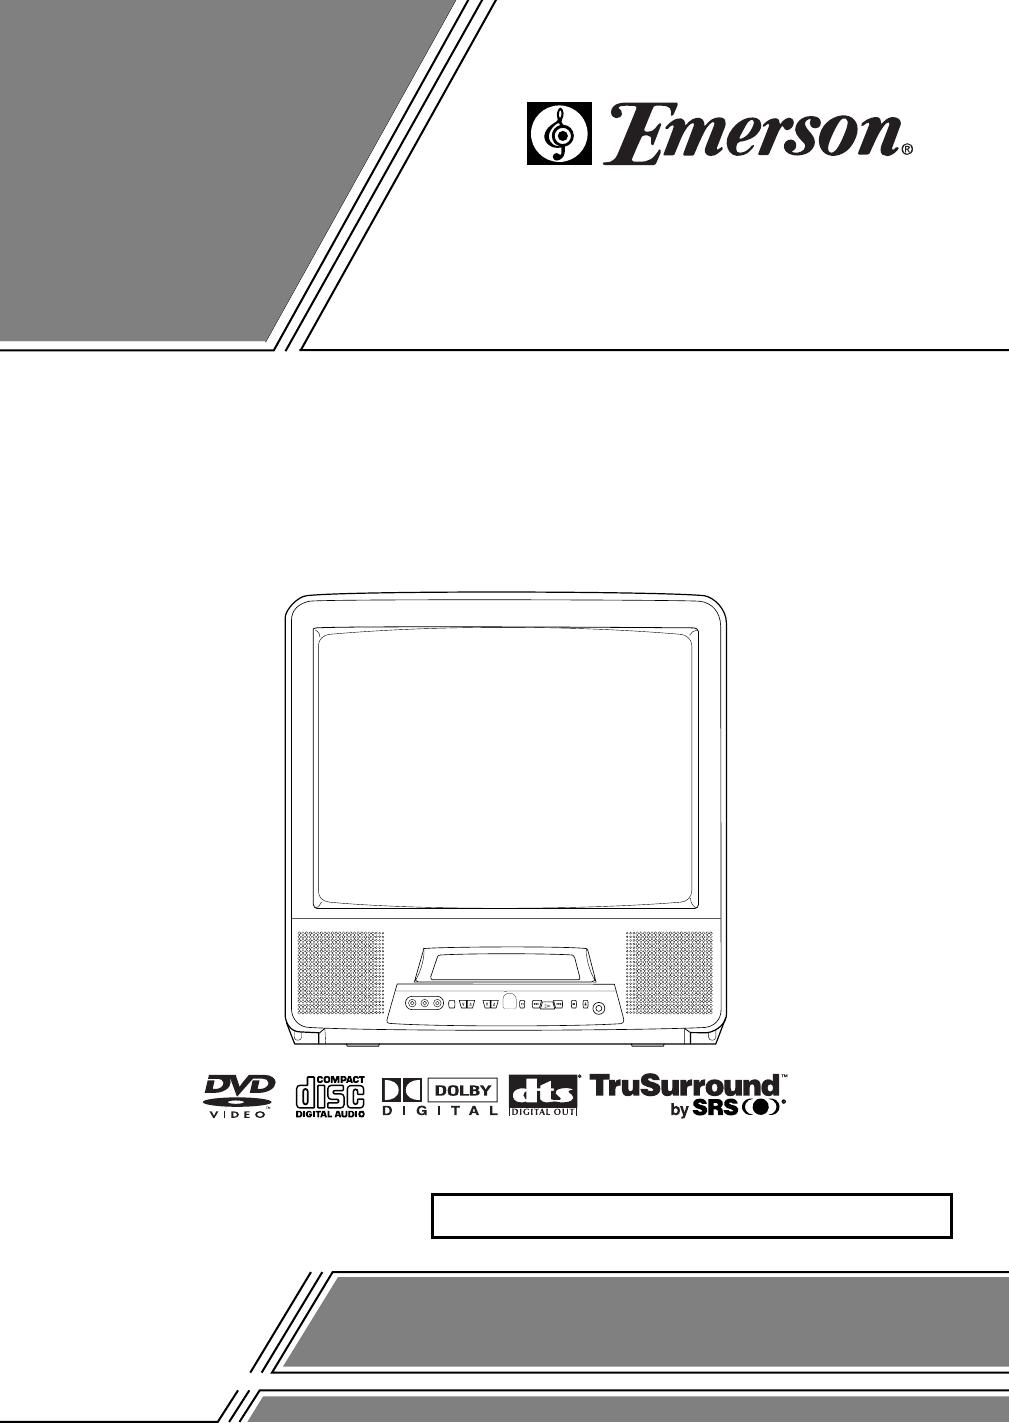 Emerson Tv Dvd Combo Ewc19da User Guide